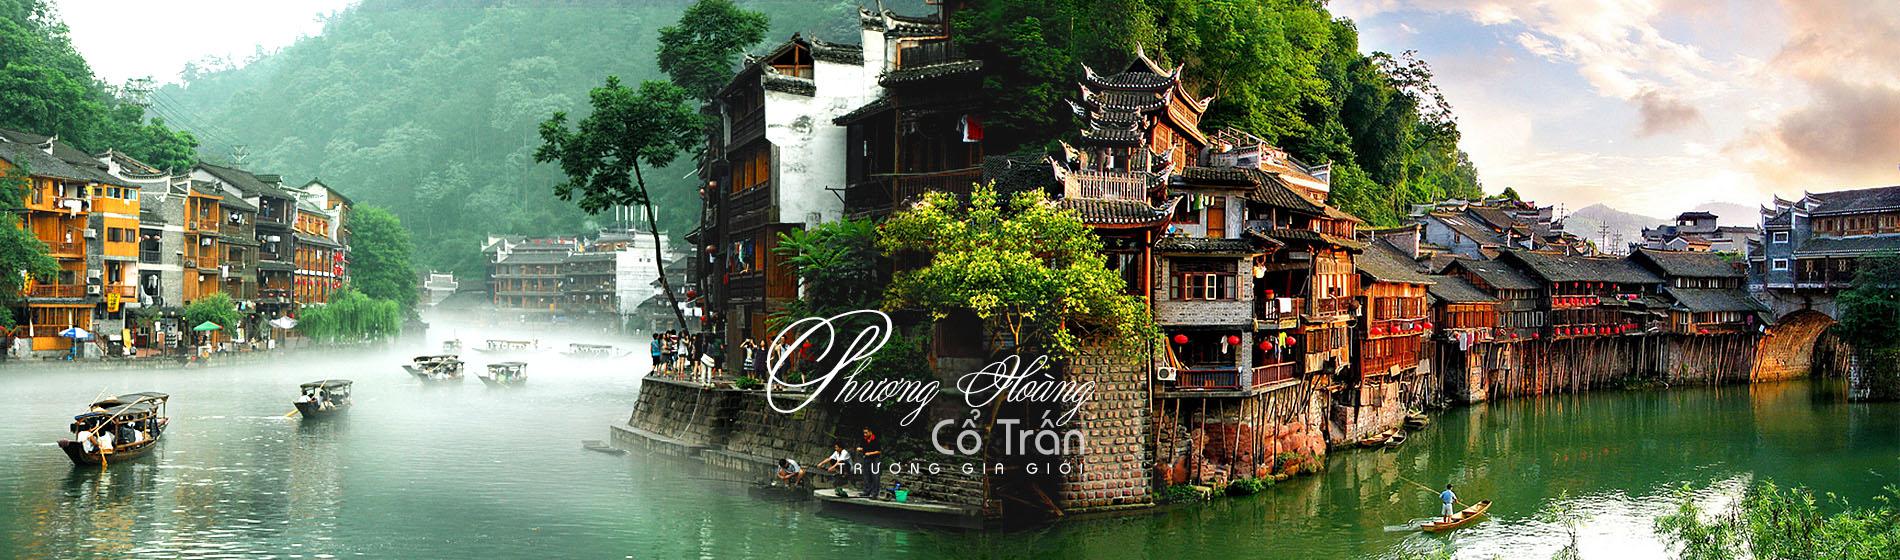 Image result for fenghuang banner